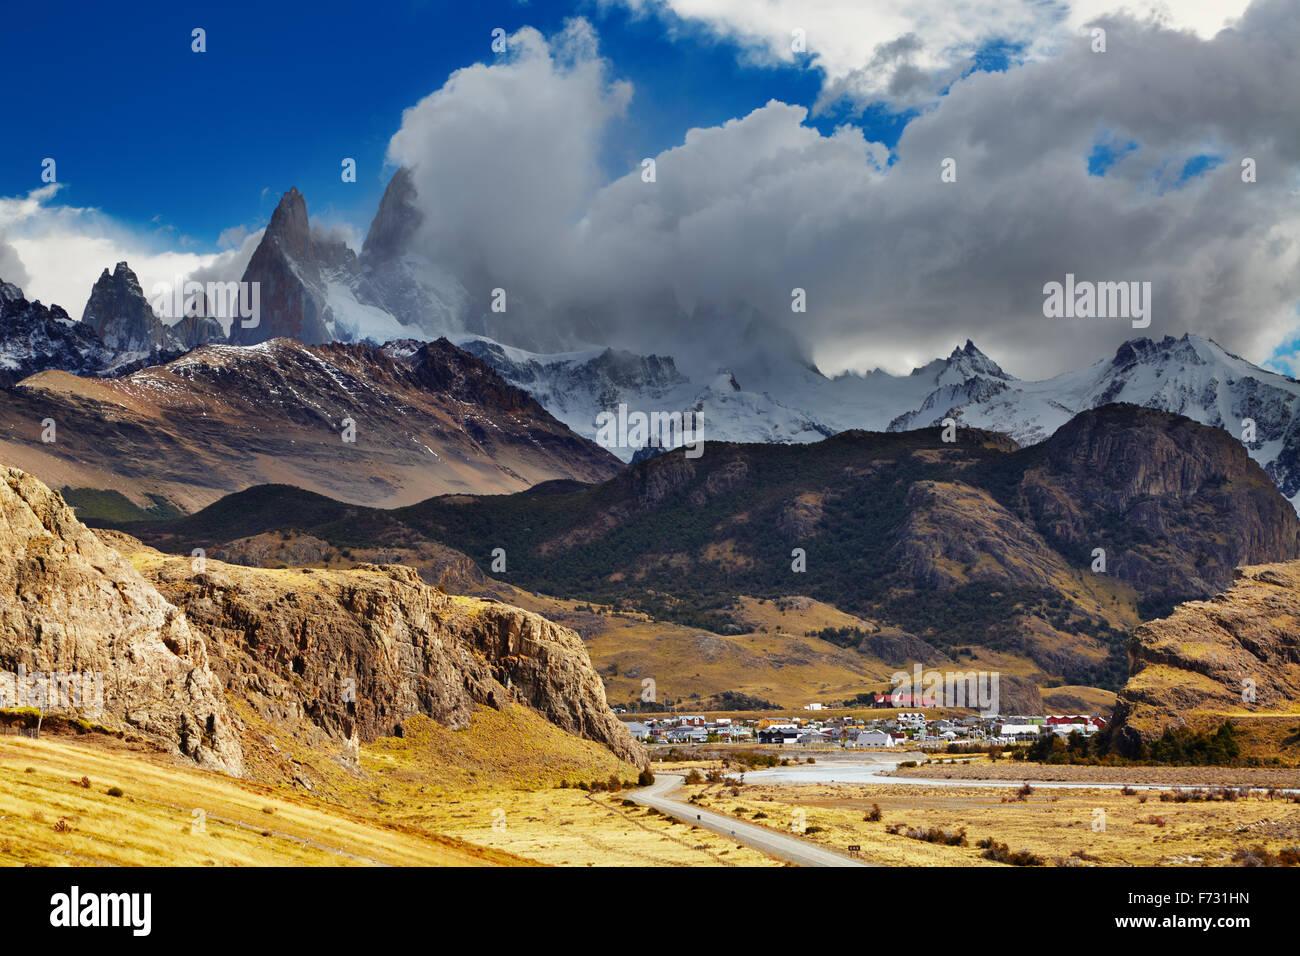 El Chalten est une petite ville près du mont Fitz Roy trekking; la capitale de l'Argentine Photo Stock